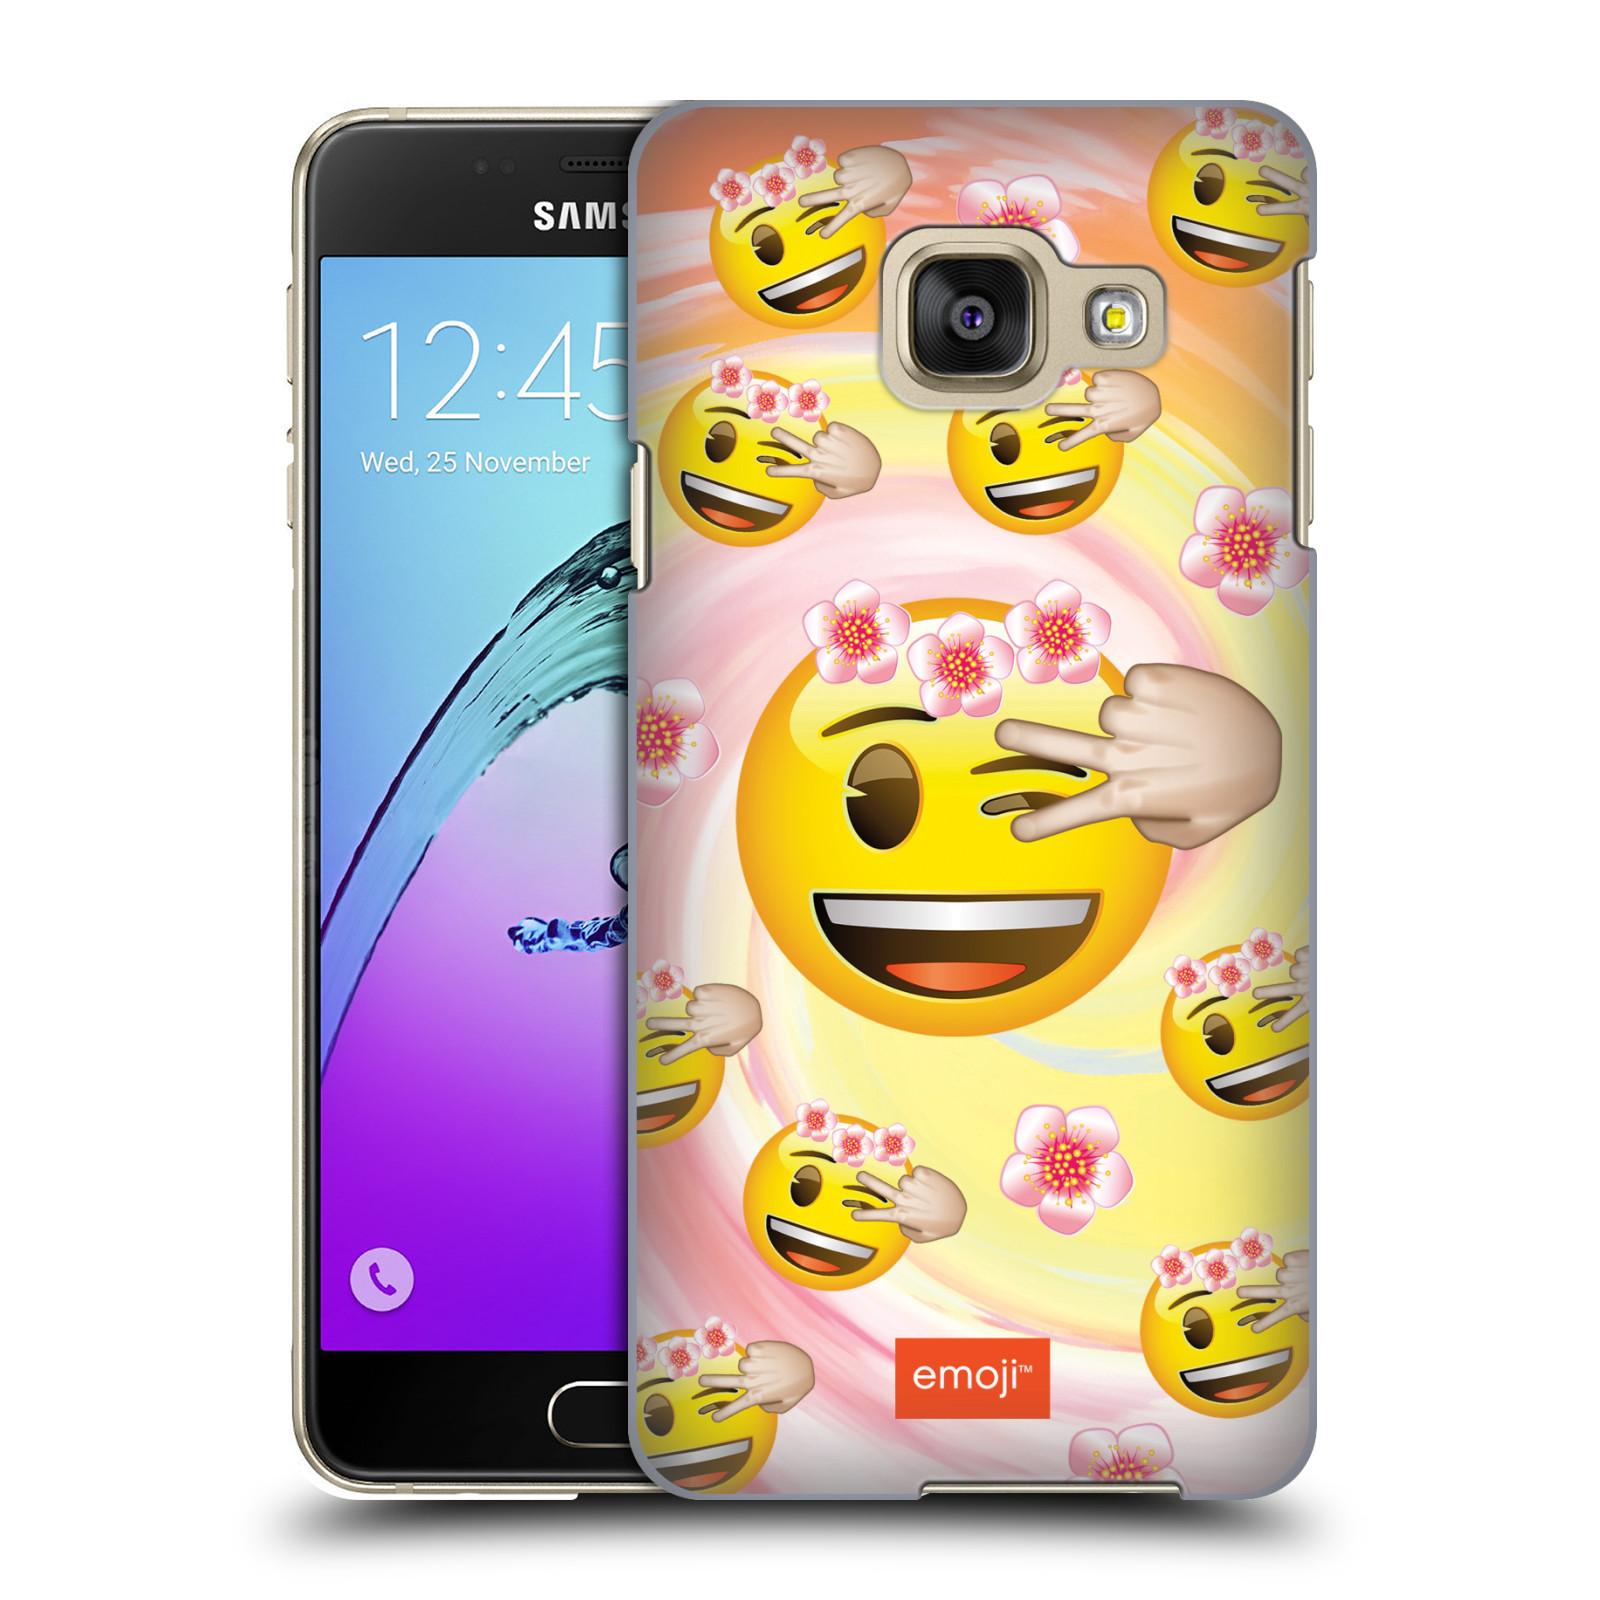 Plastové pouzdro na mobil Samsung Galaxy A3 (2016) HEAD CASE EMOJI - Mrkající smajlíci a kytičky